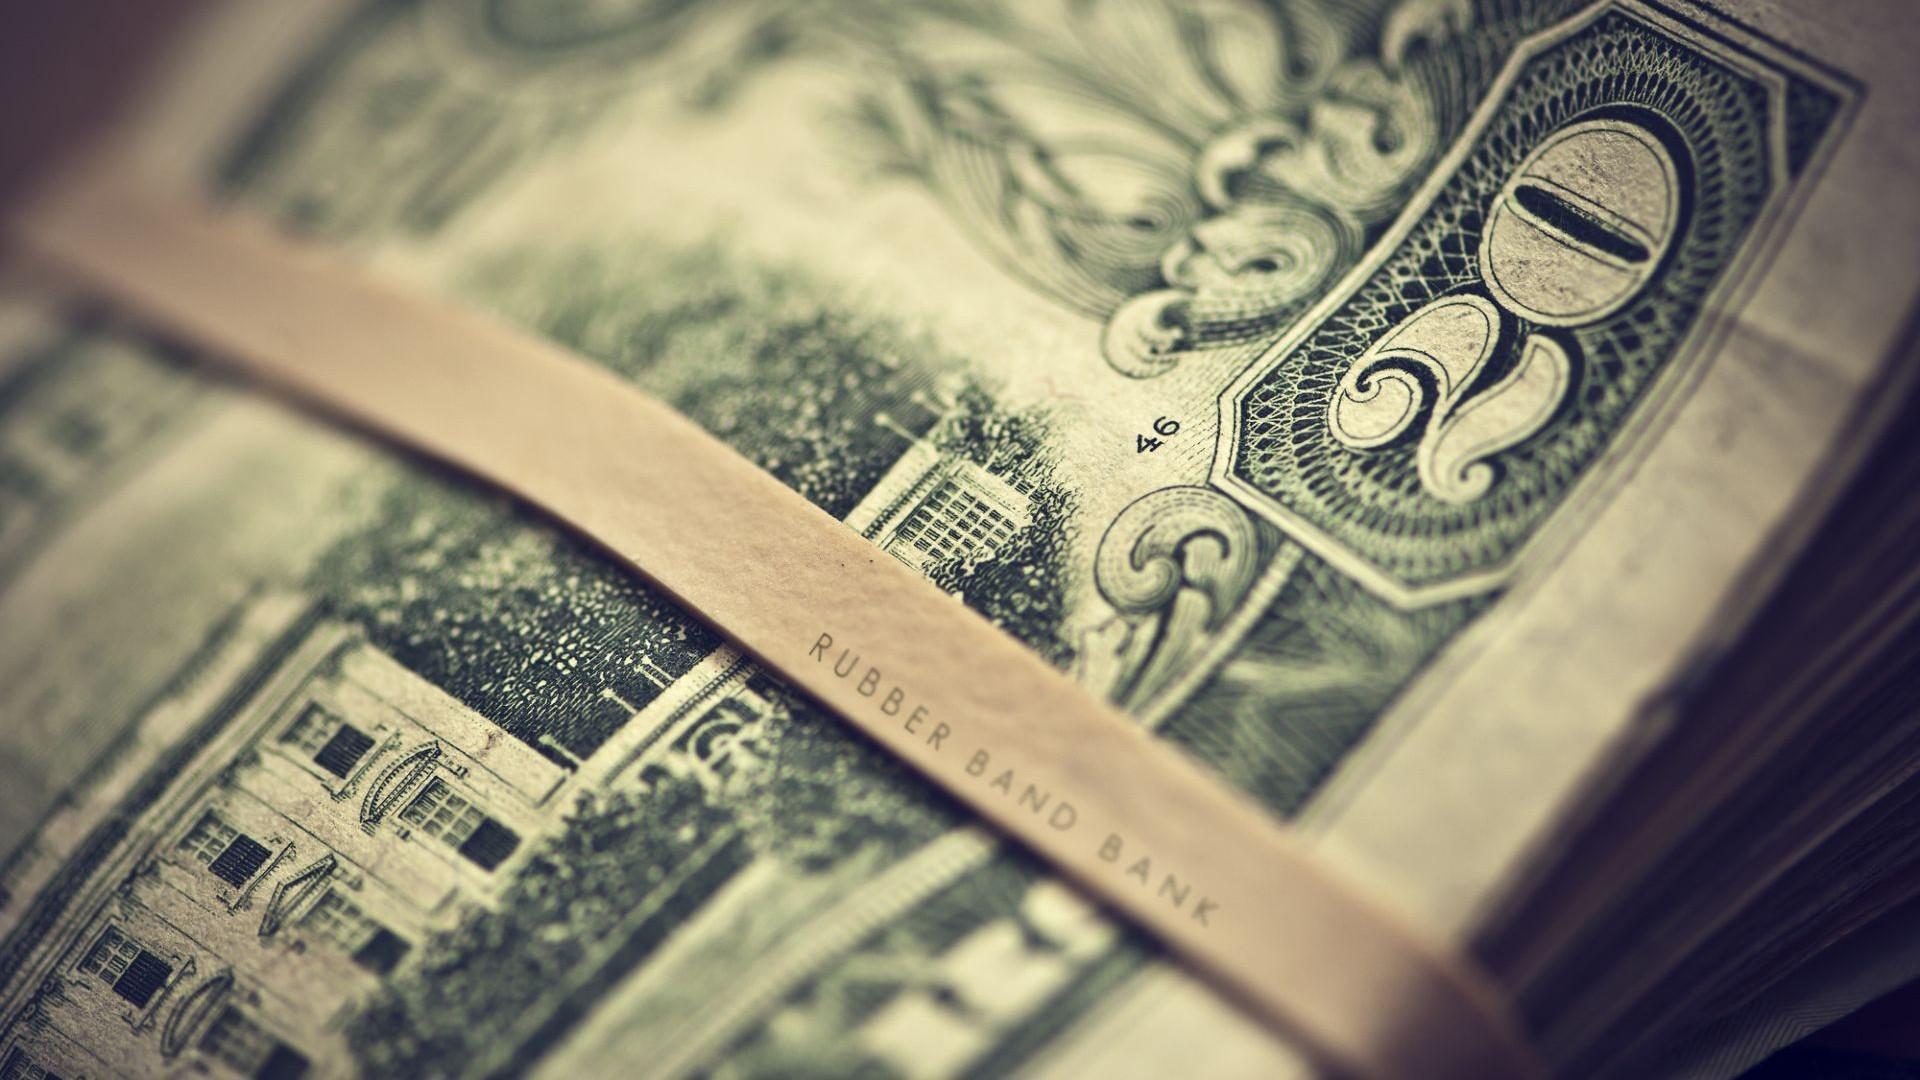 Работа над мыслями: 7 фраз, которые отталкивают от нас деньги